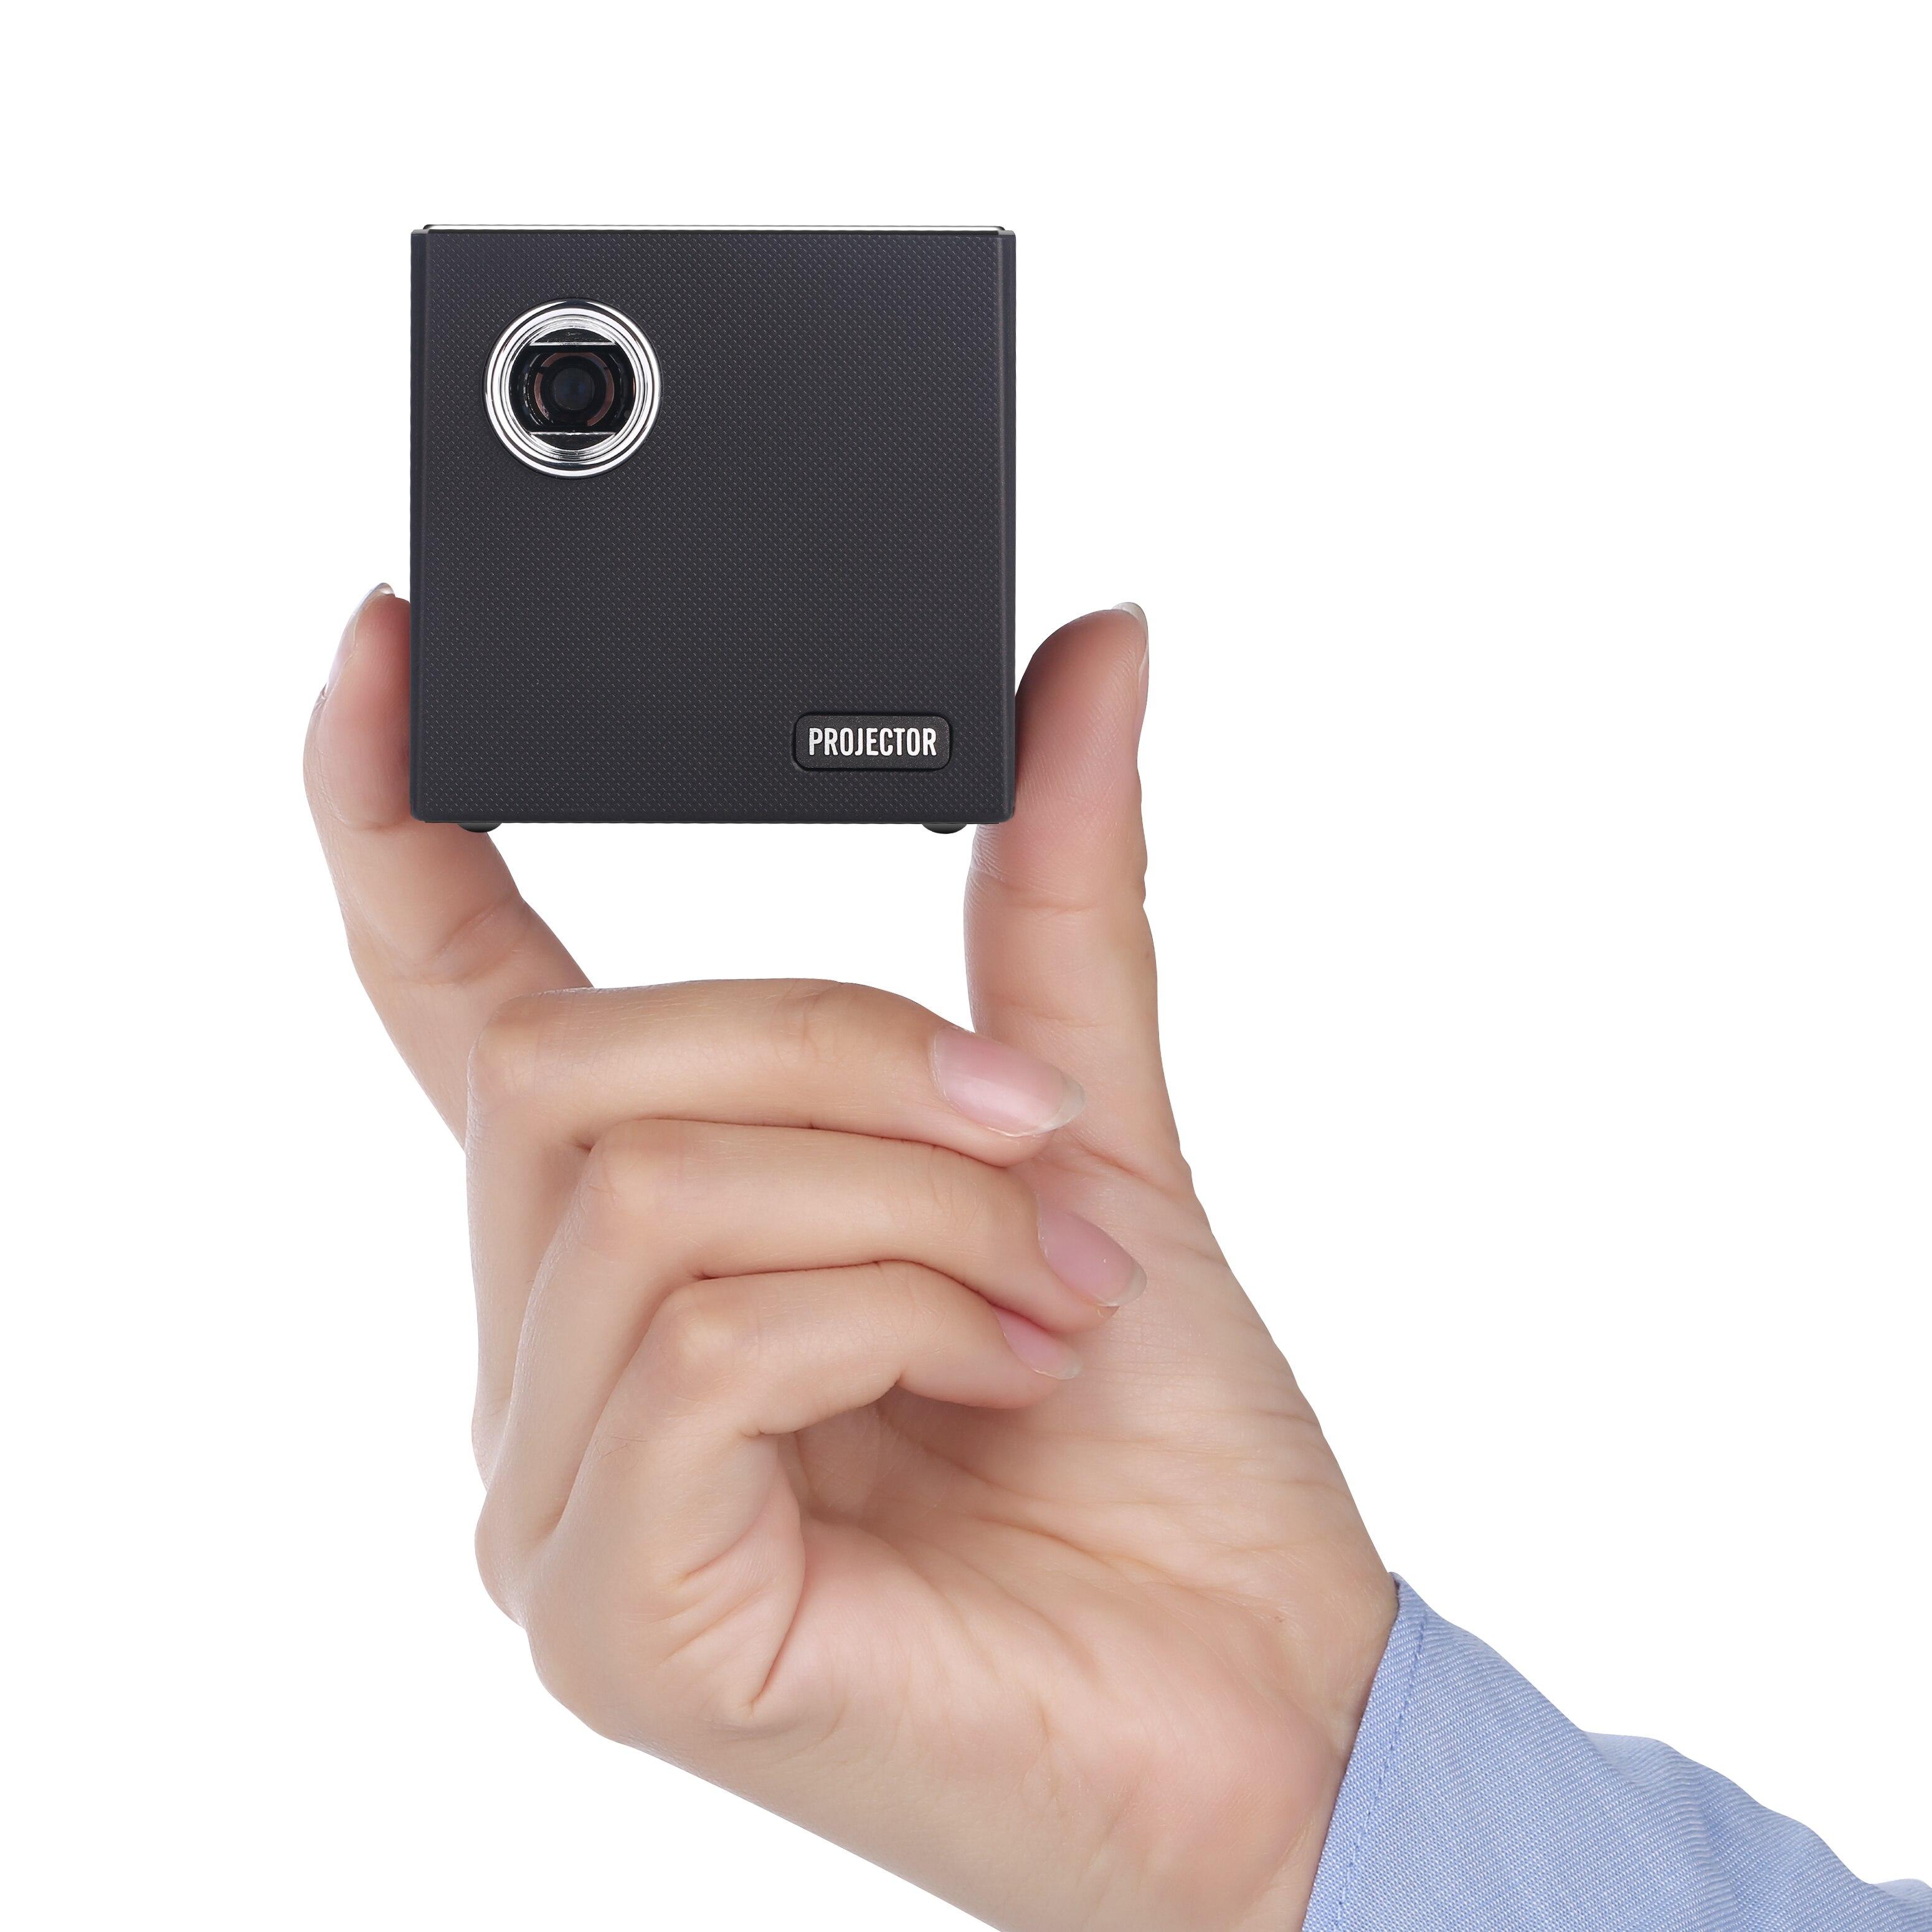 جهاز عرض صغير كيبورد 2019, آلة عرض صغيرة الحجم ، موديل رقم 854*480 ، تعمل بنظام أندرويد 7.1 ، قابلة للشحن ، مسرح منزلي ، يدعم تقنية 4k C80